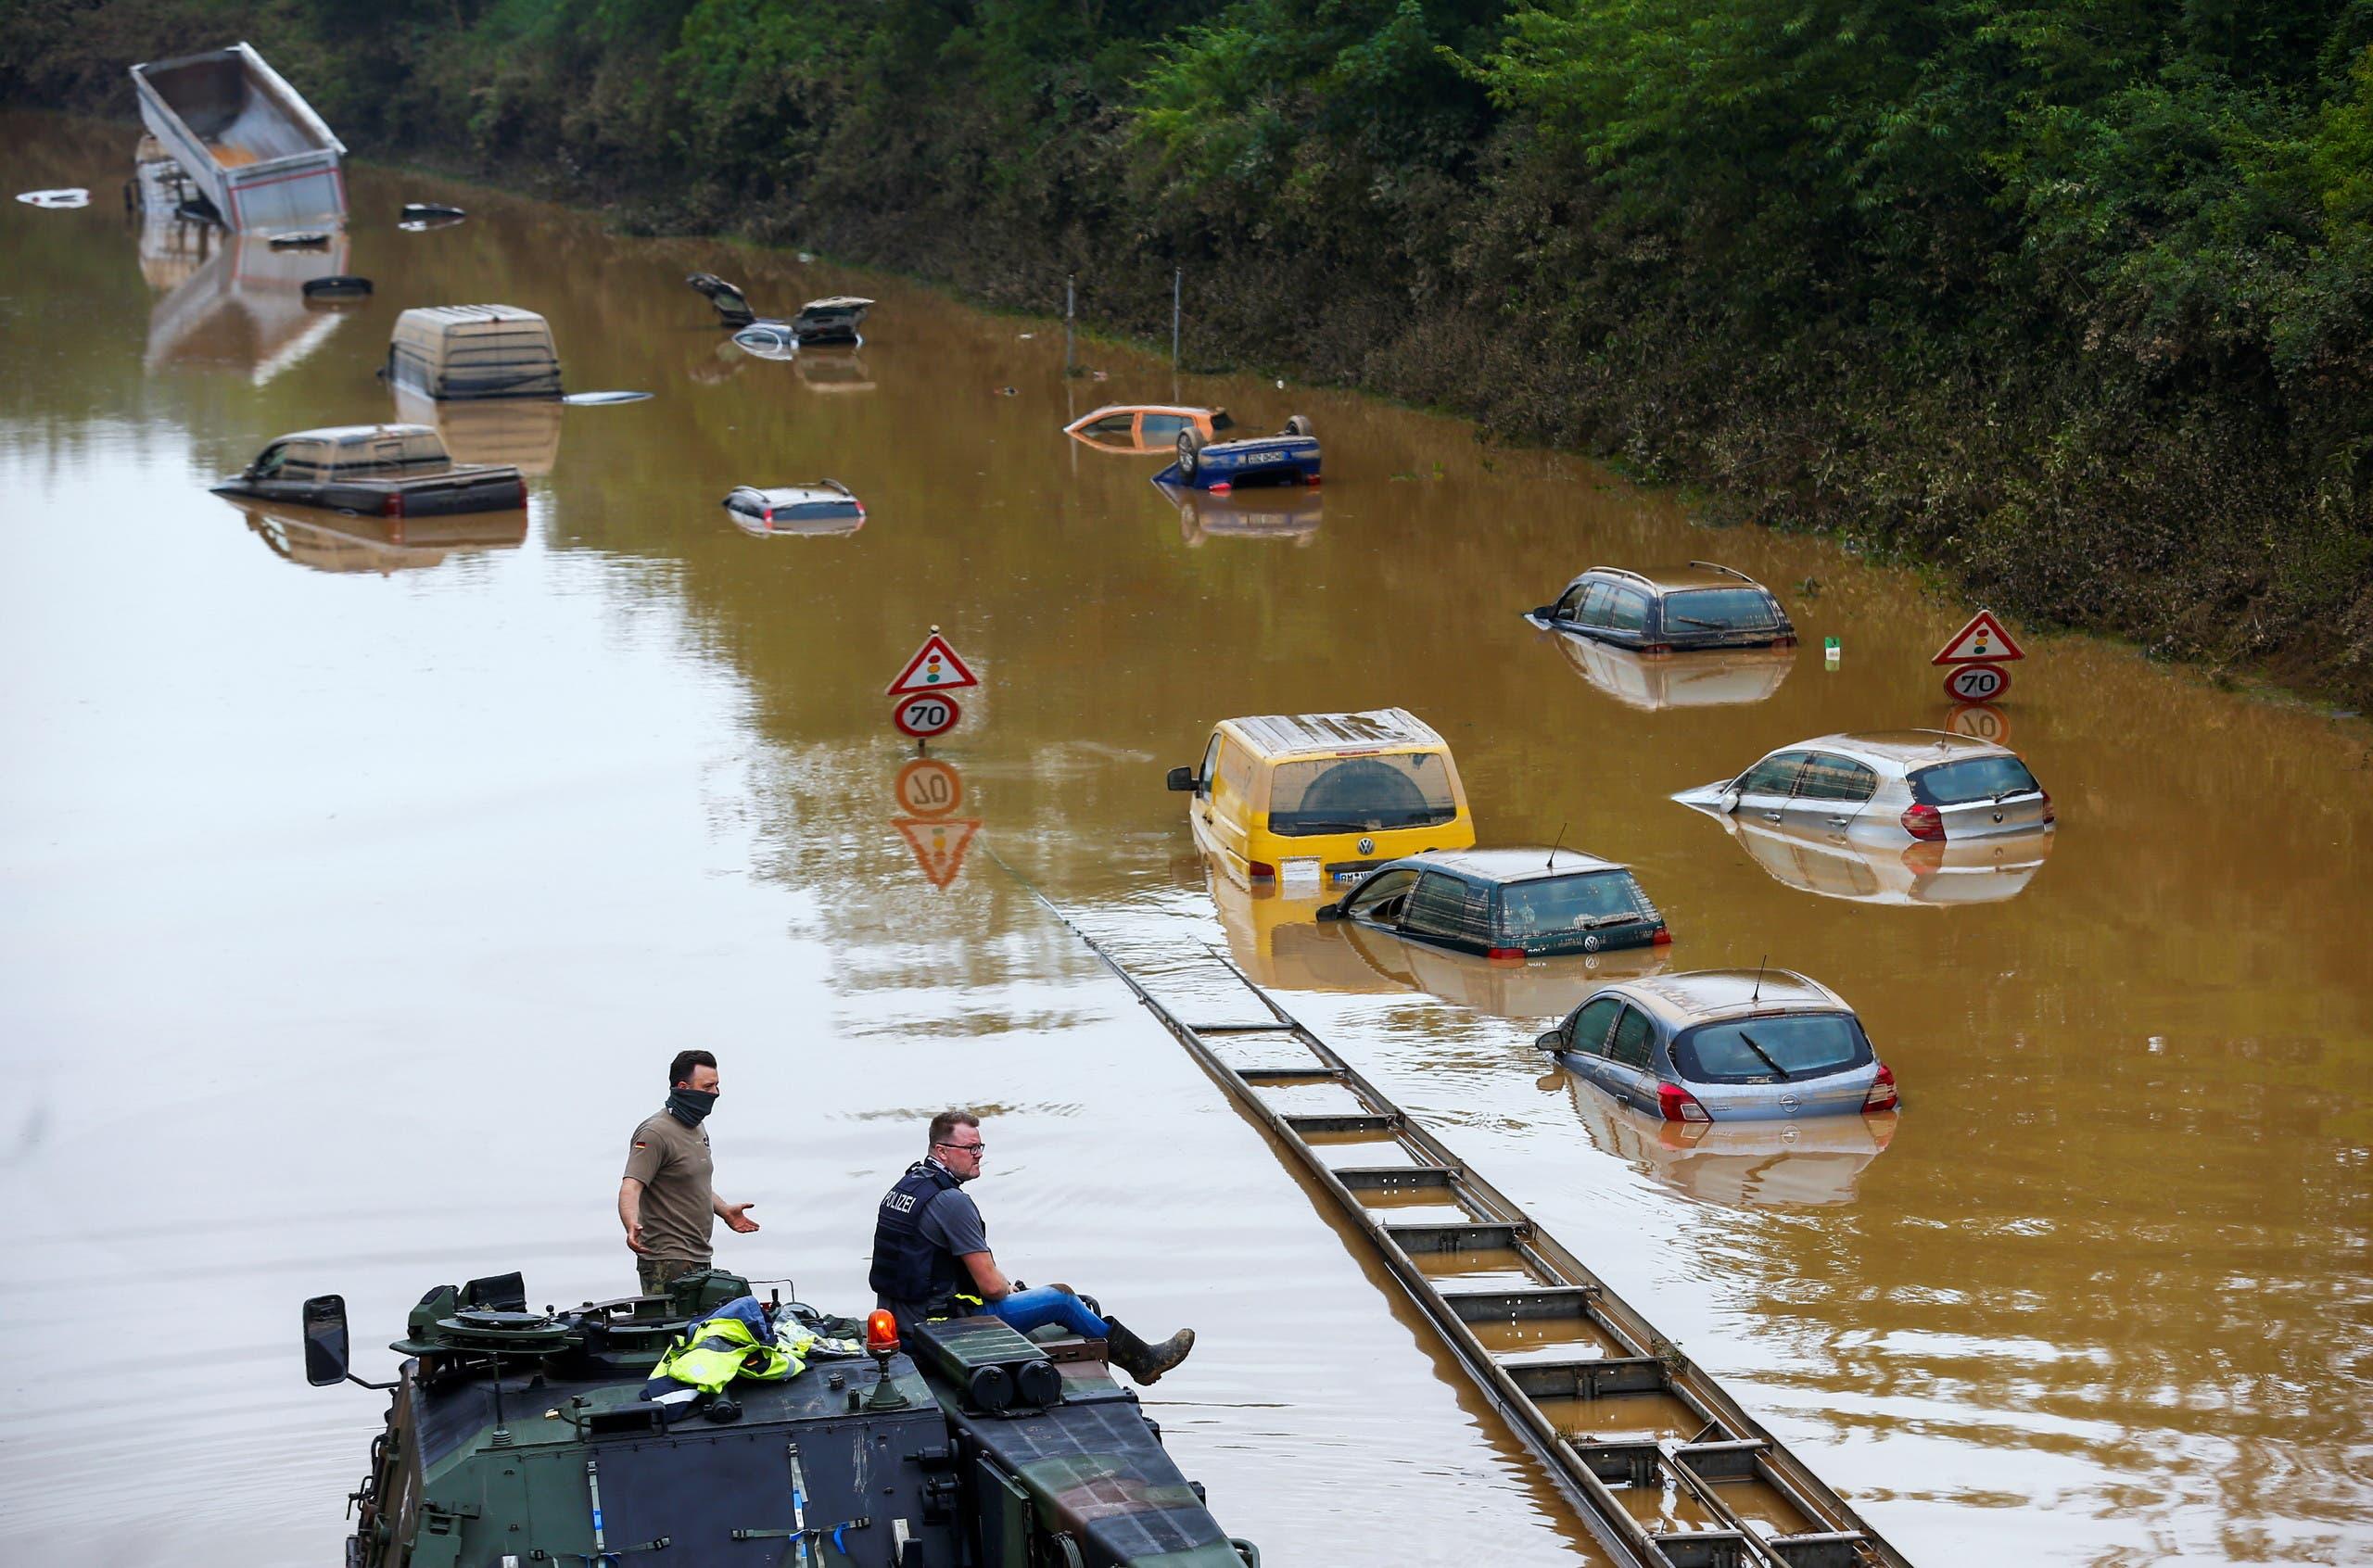 المياه تغمر الطرقات في ألمانيا